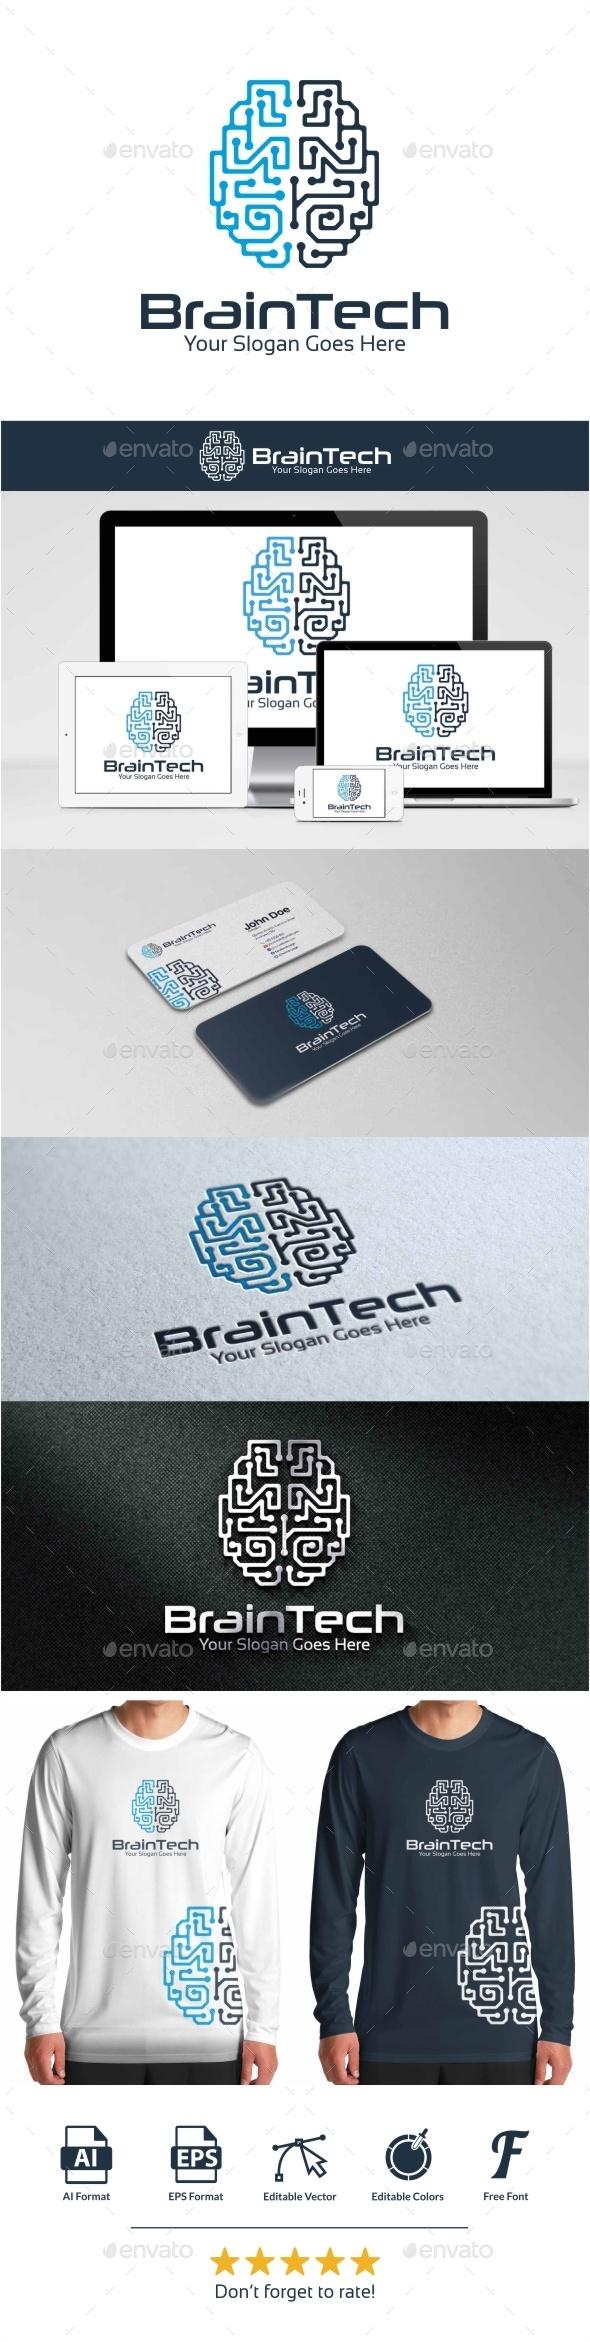 GraphicRiver BrainTech Logo 9448087